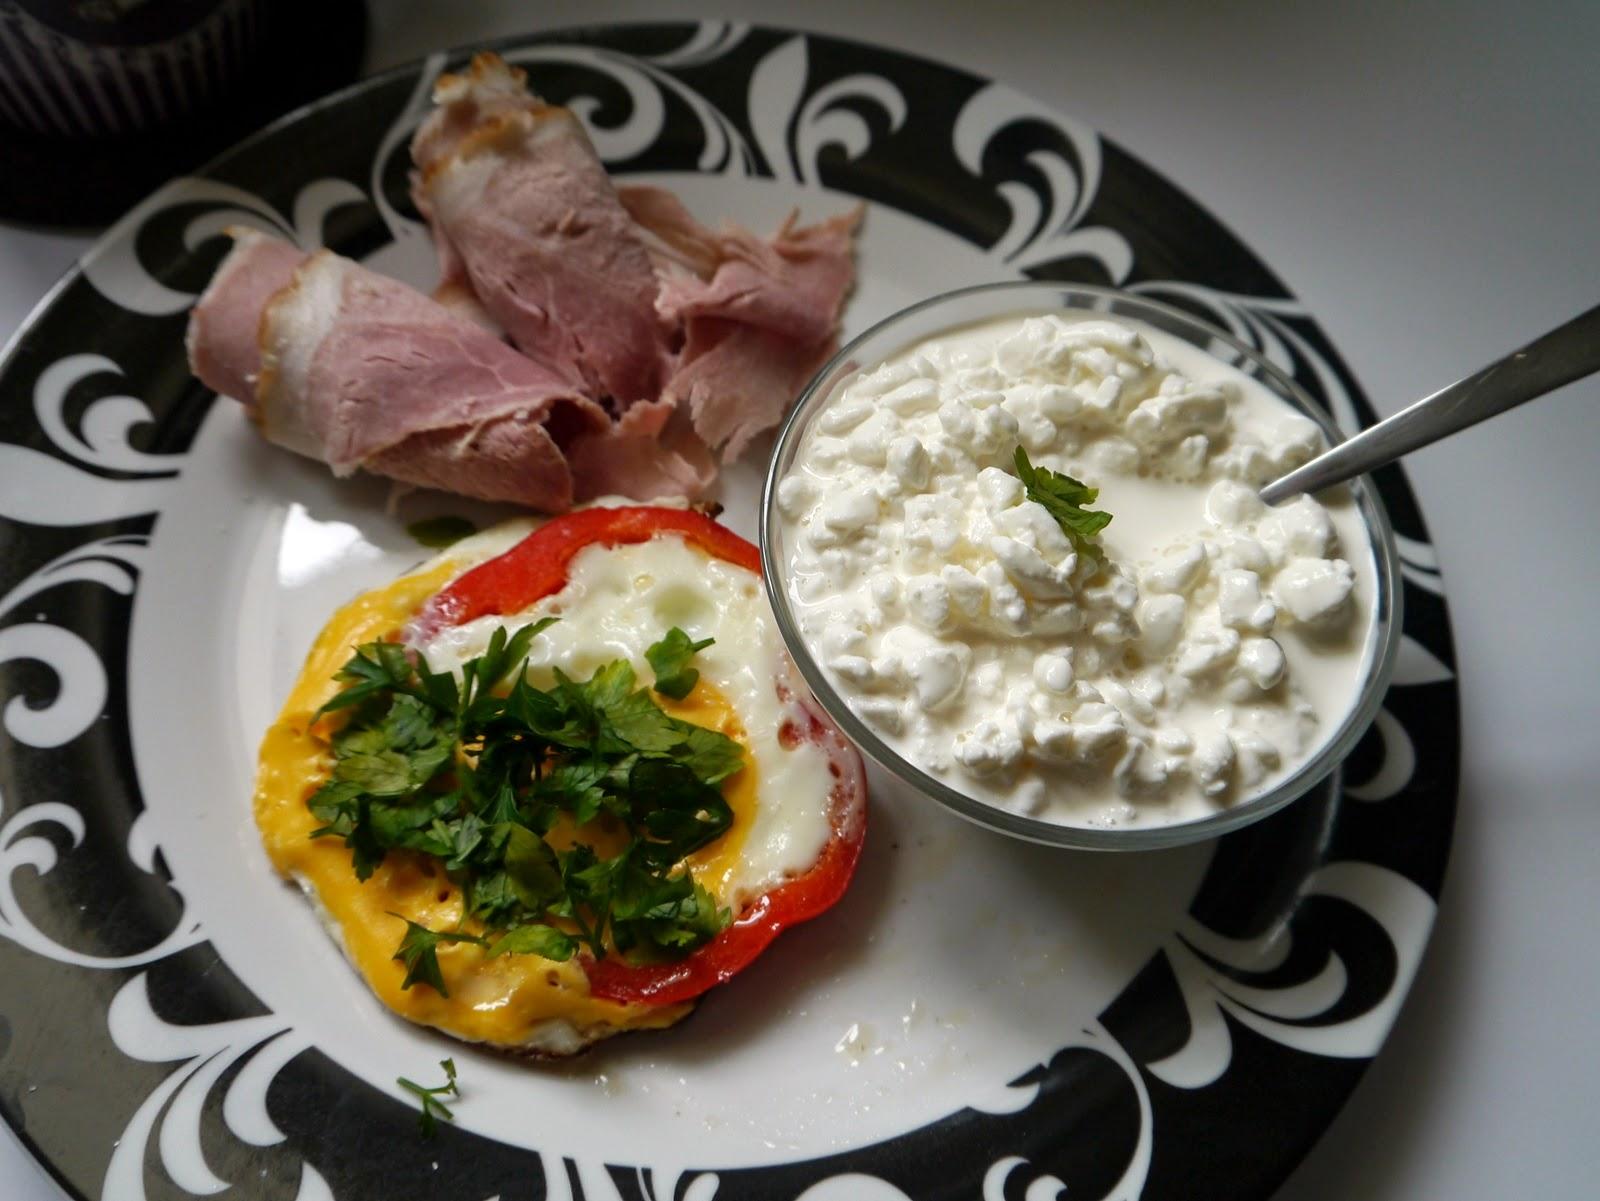 pyszne zdrowe śniadanie